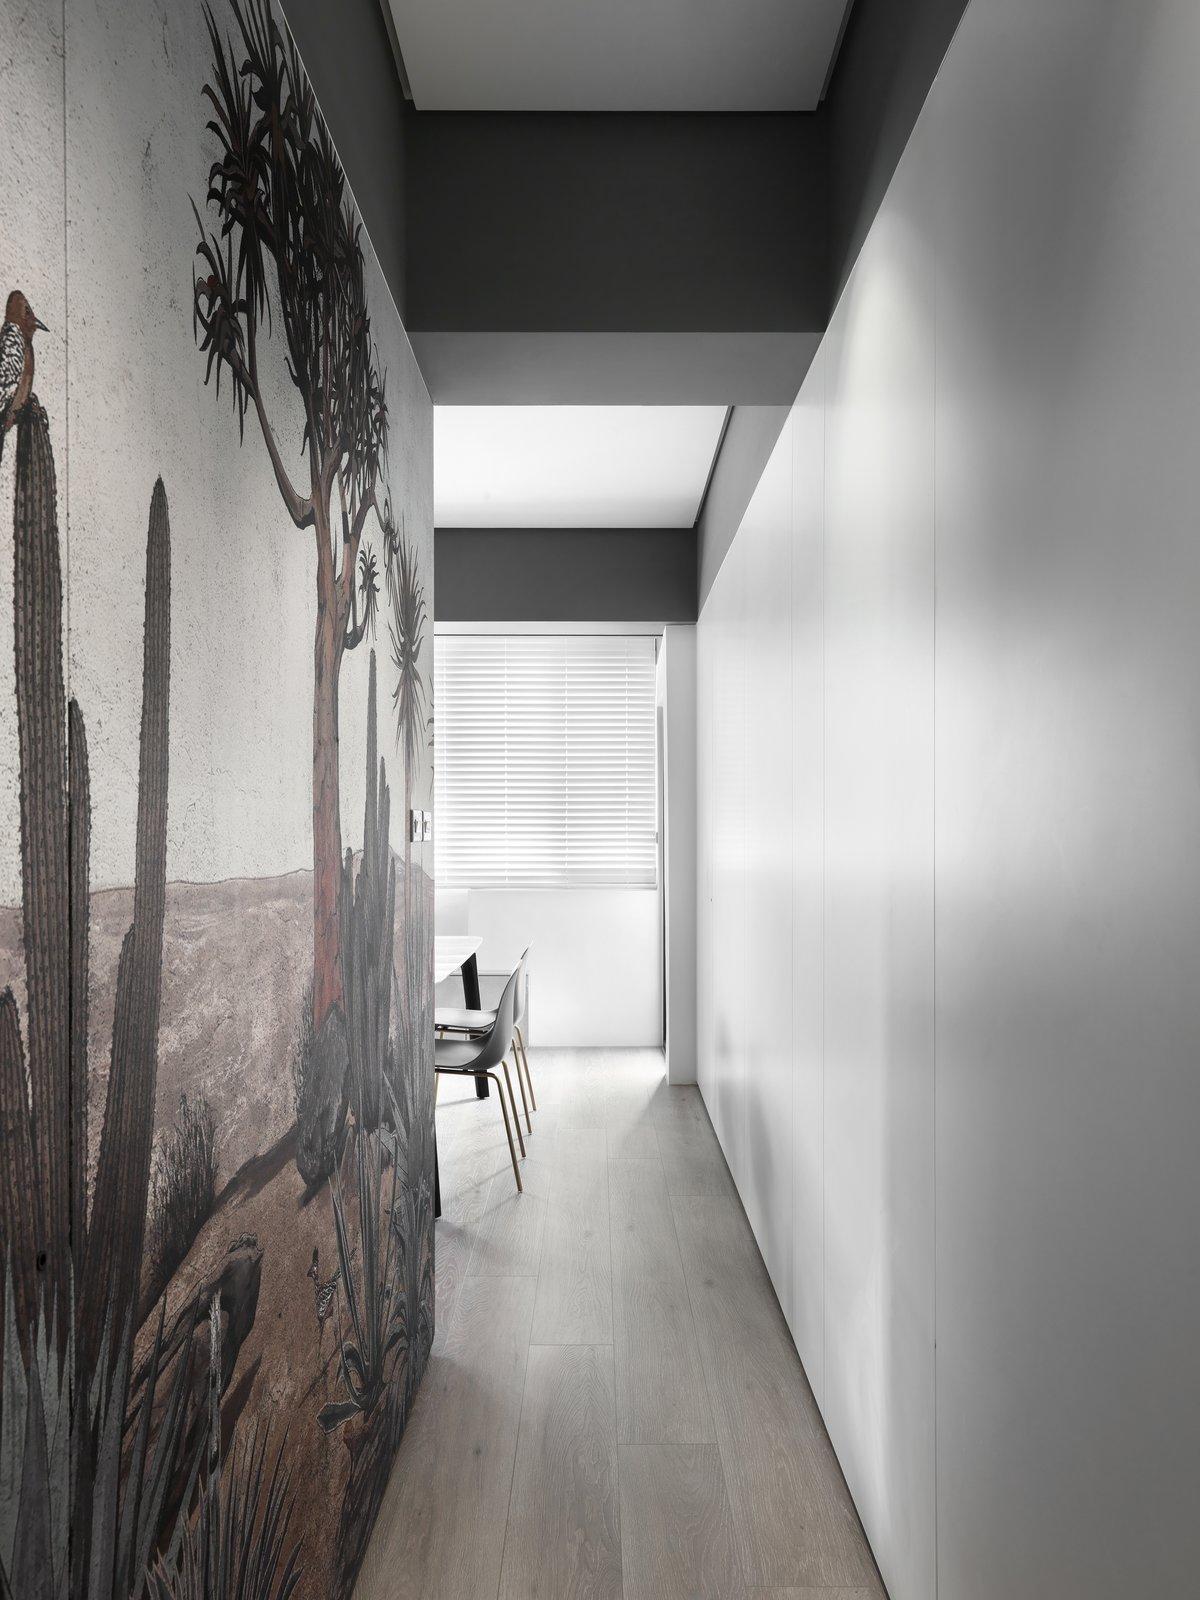 带起居室,天花板照明,硬木地板和椅子的现代住宅。 日常生活的隐形秩序照片20